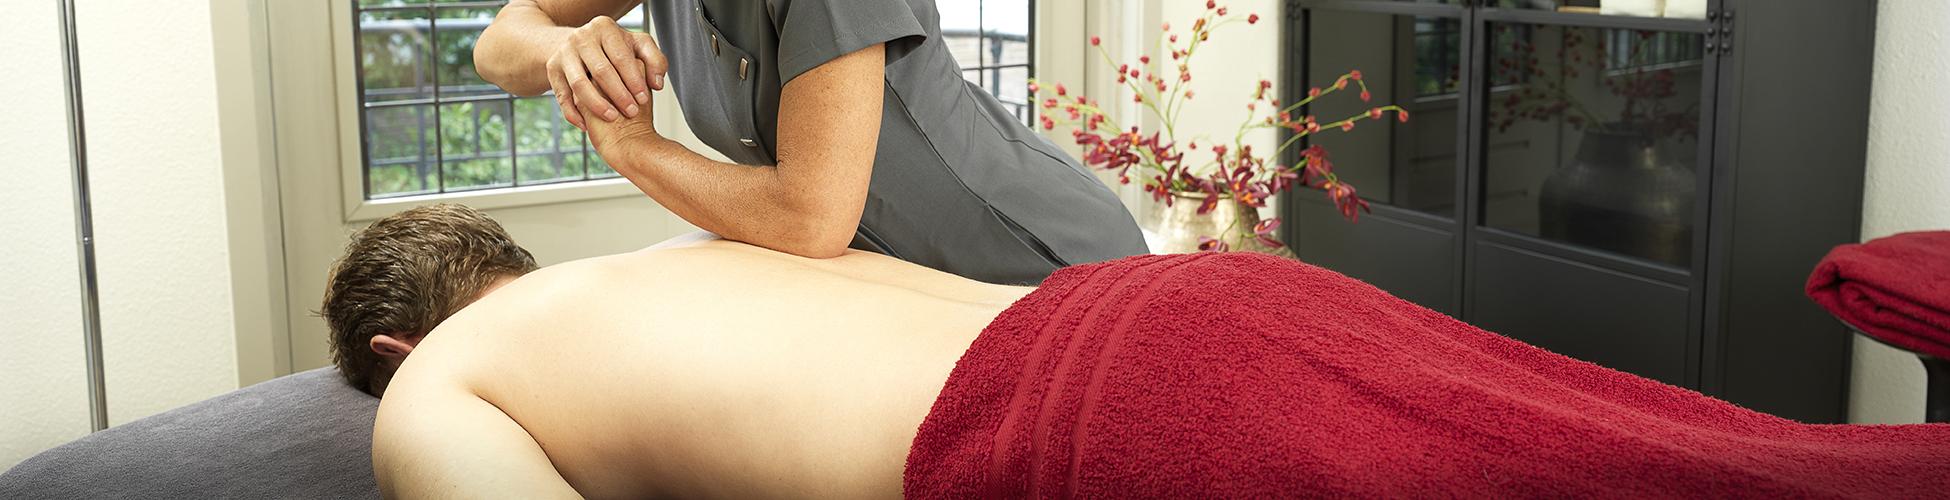 slider 2 18083-Well Being Massages_0044